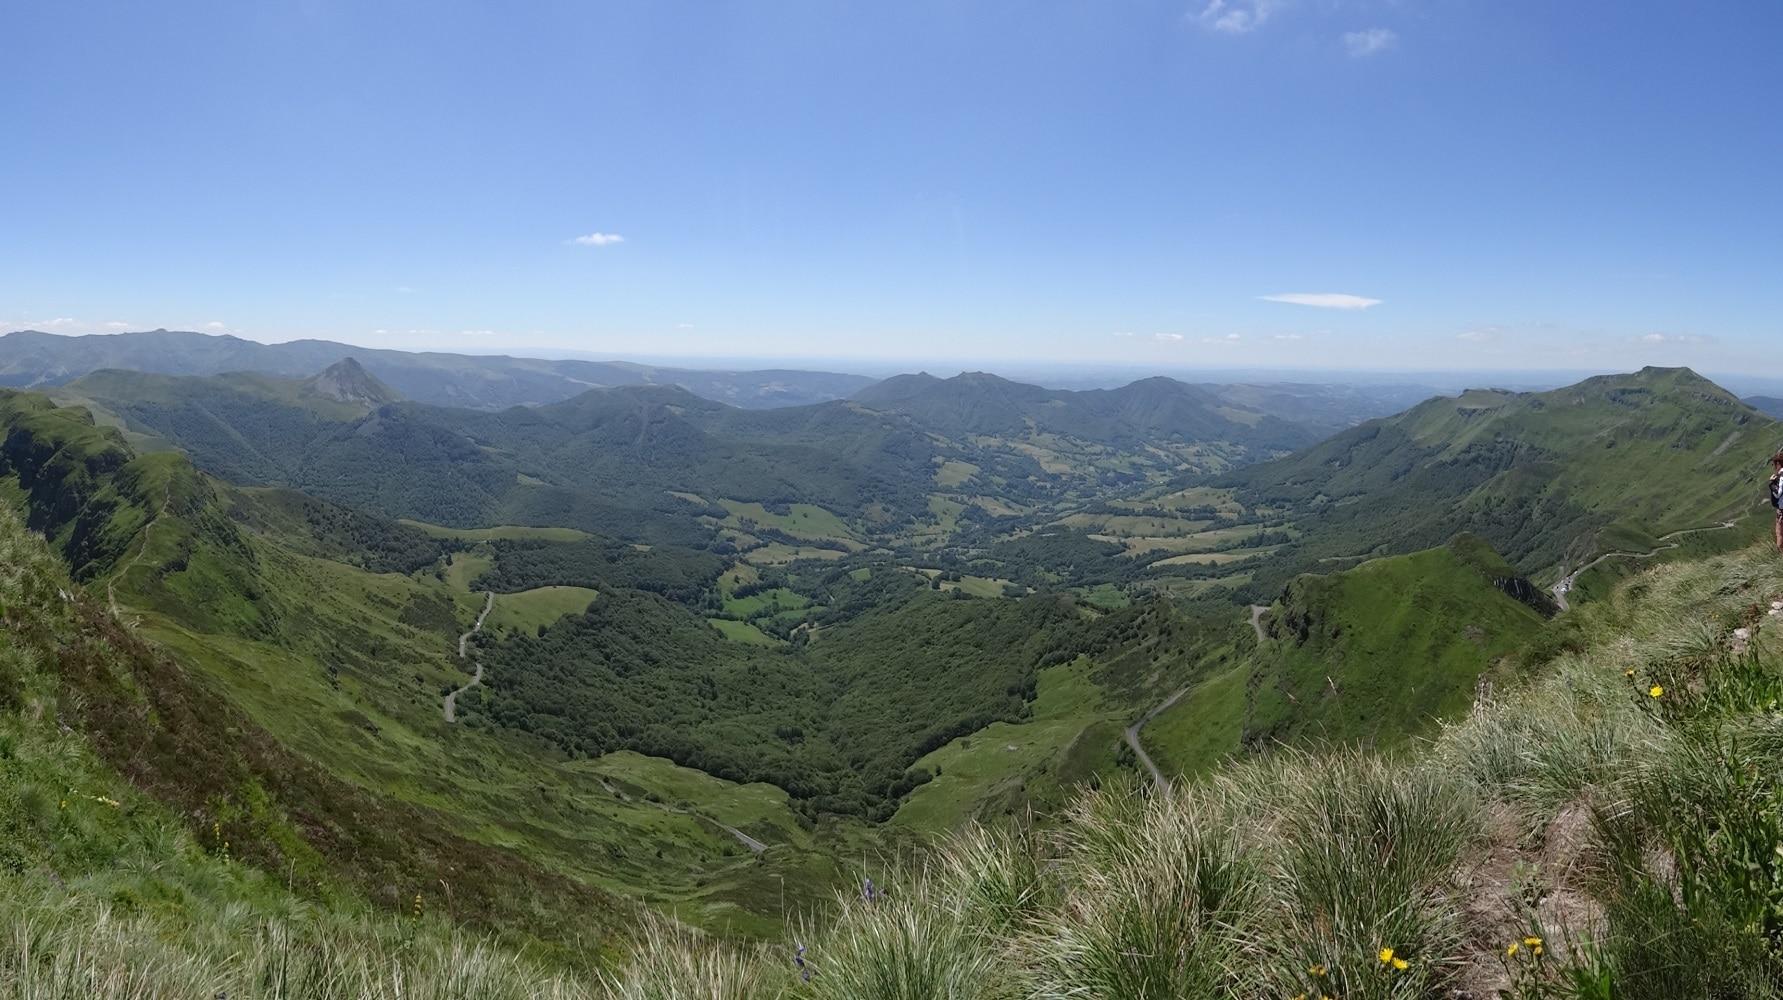 Randonnée dans les Monts du Cantal au Puy Mary - Stationnement au col de Serre pour les camping-cars